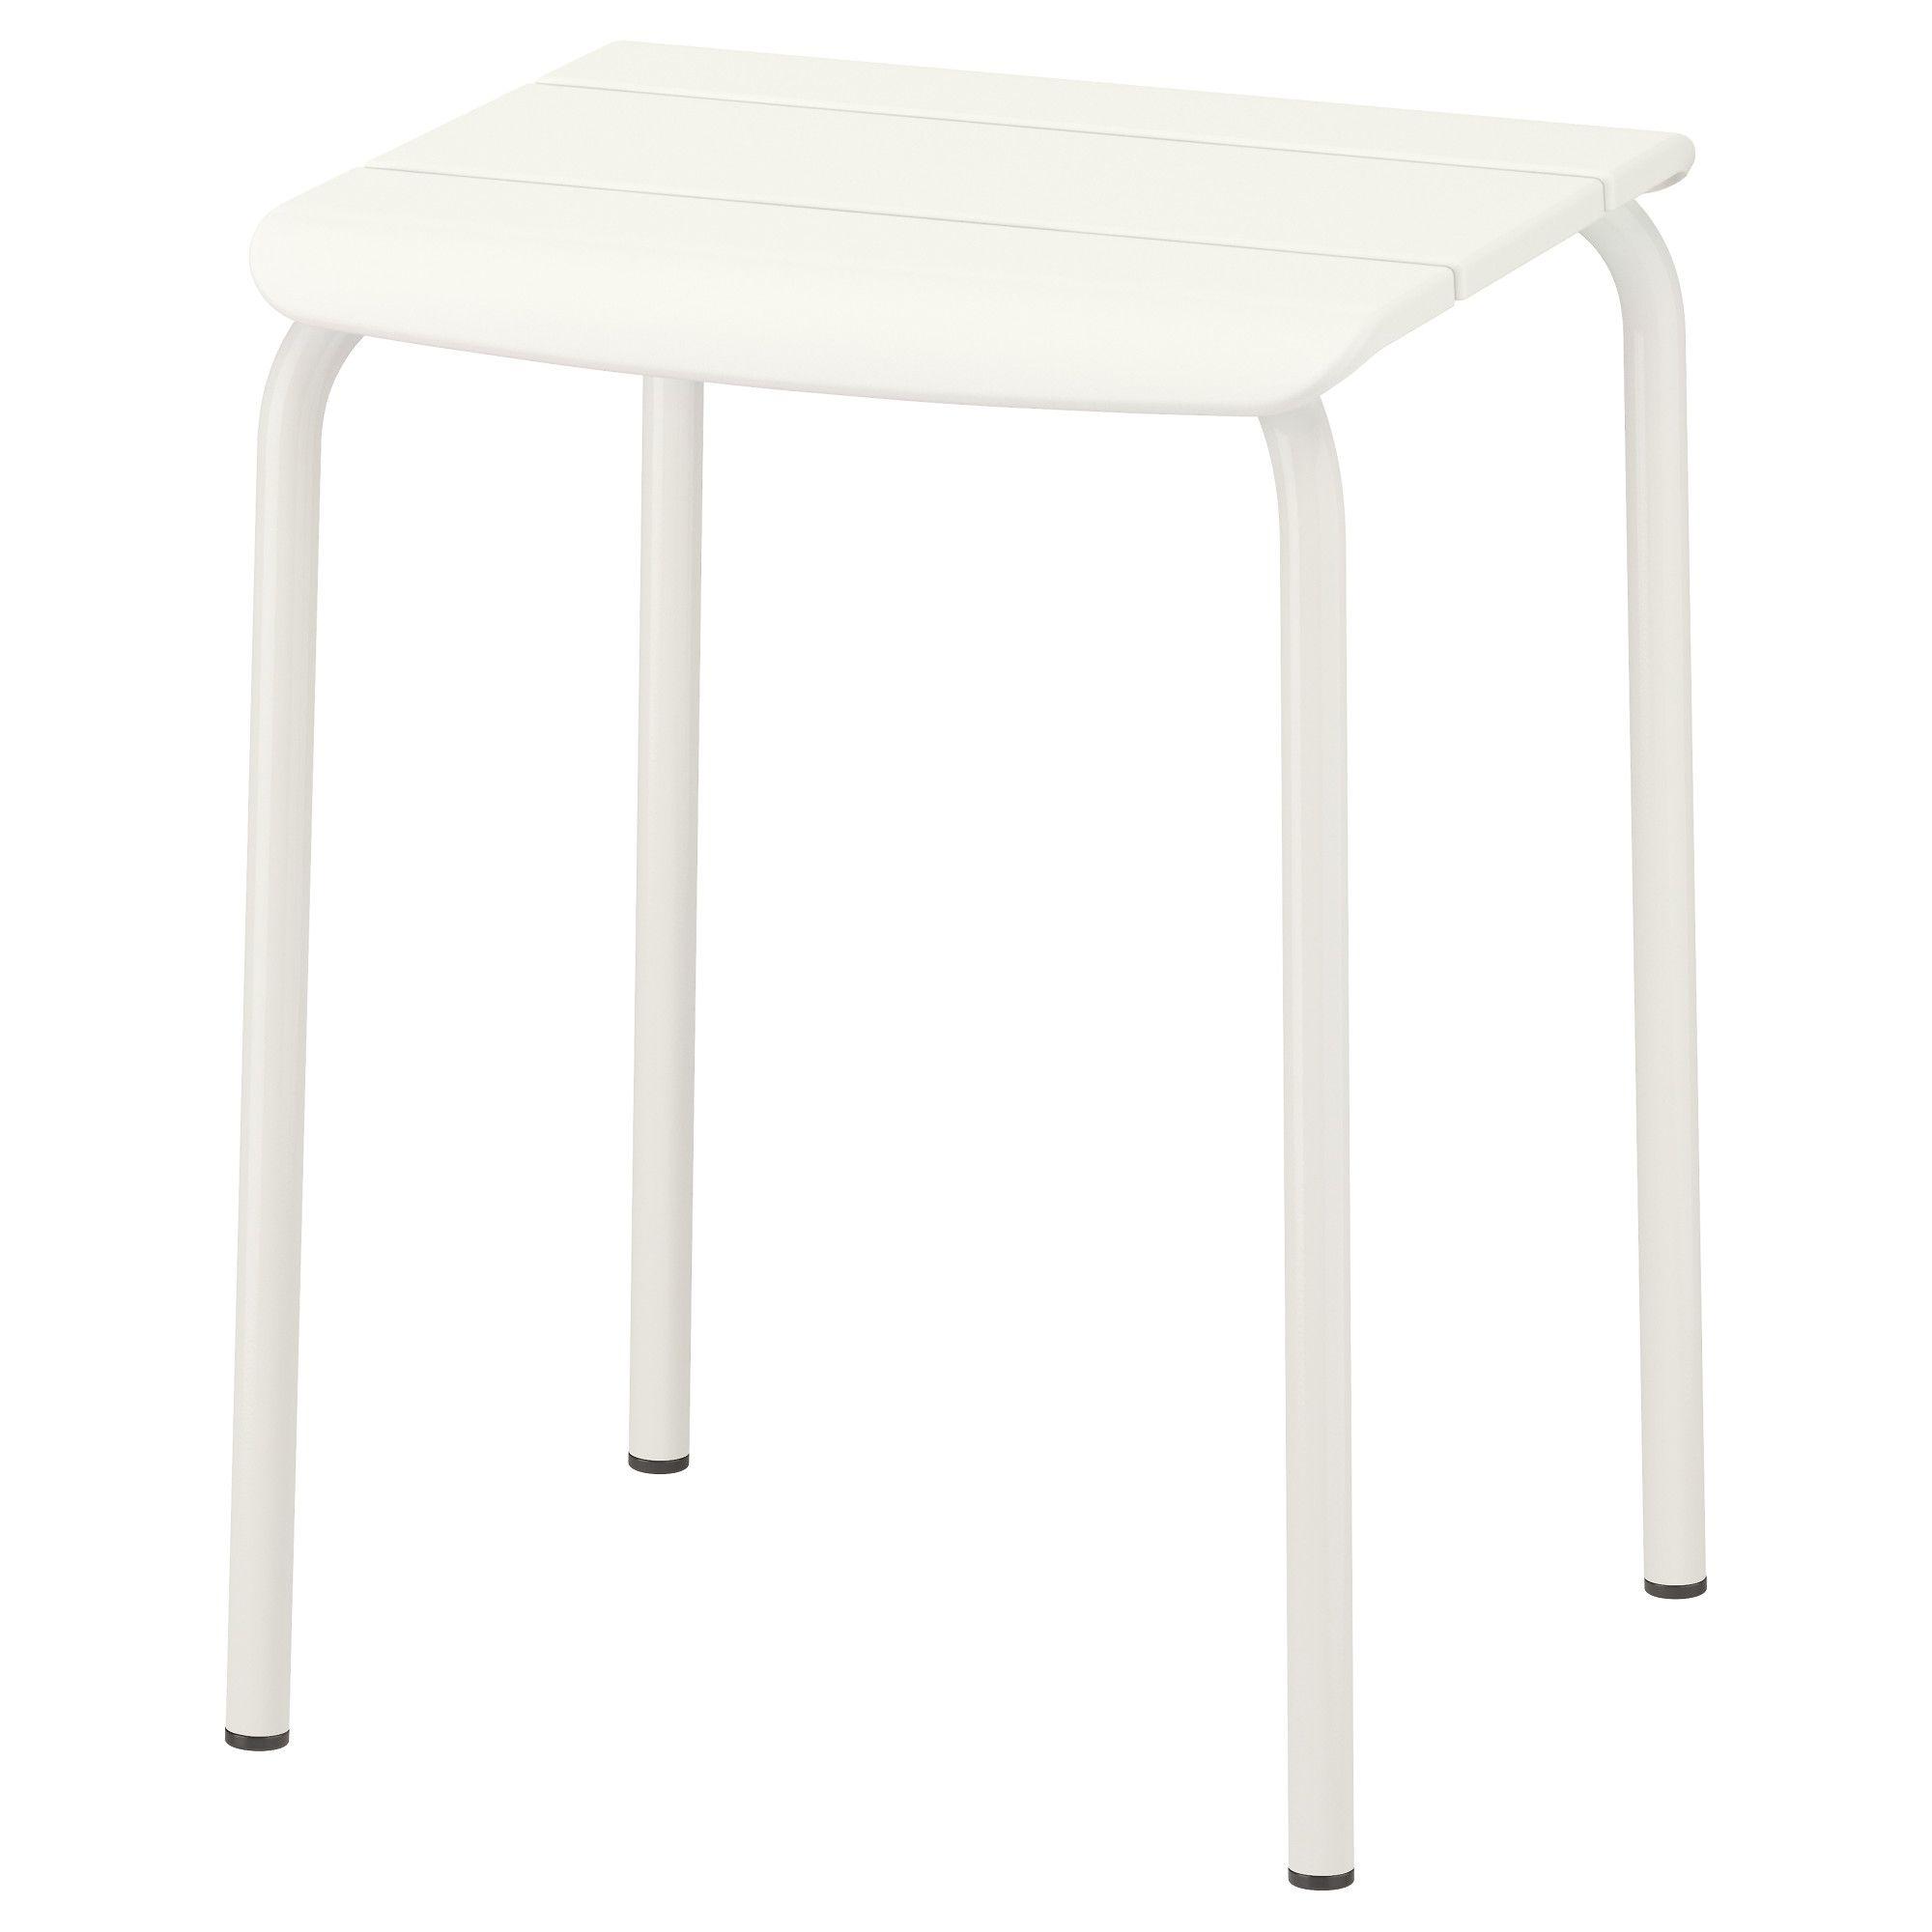 Draaikruk Ikea Ikea Kruk Als Fiets Lisa Norinder Voor